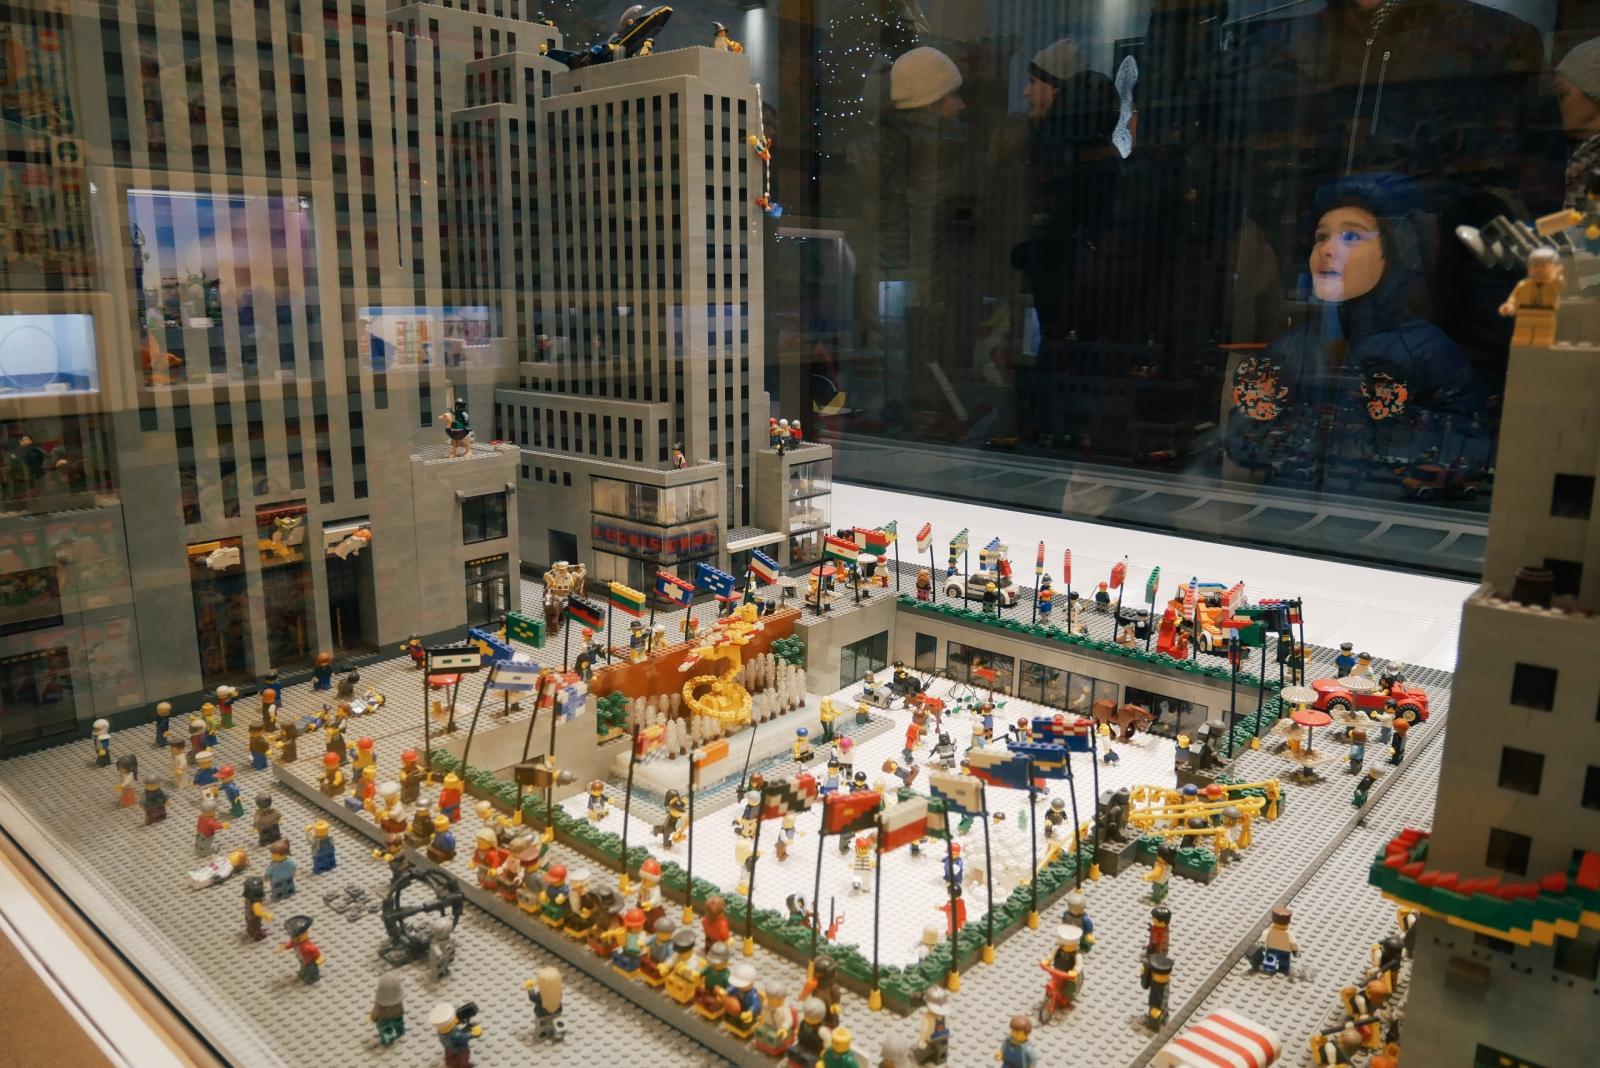 Rockefeller Center Lego store